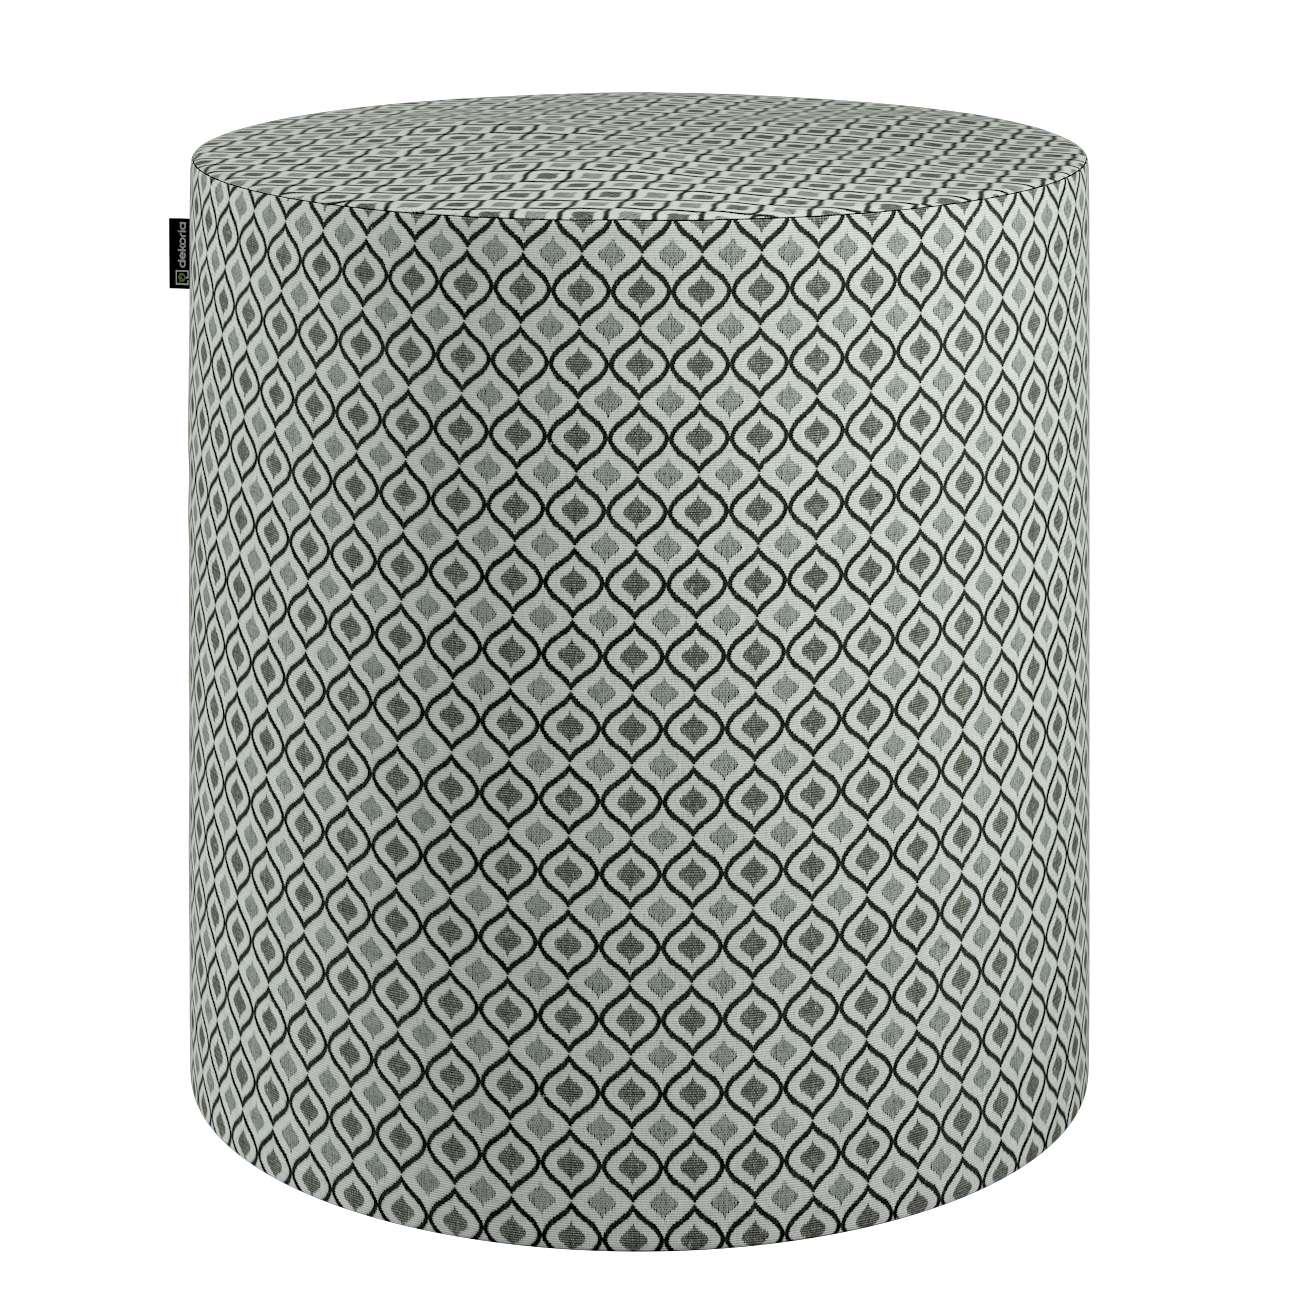 Taburetka valec, tvrdá V kolekcii Black & White, tkanina: 142-76